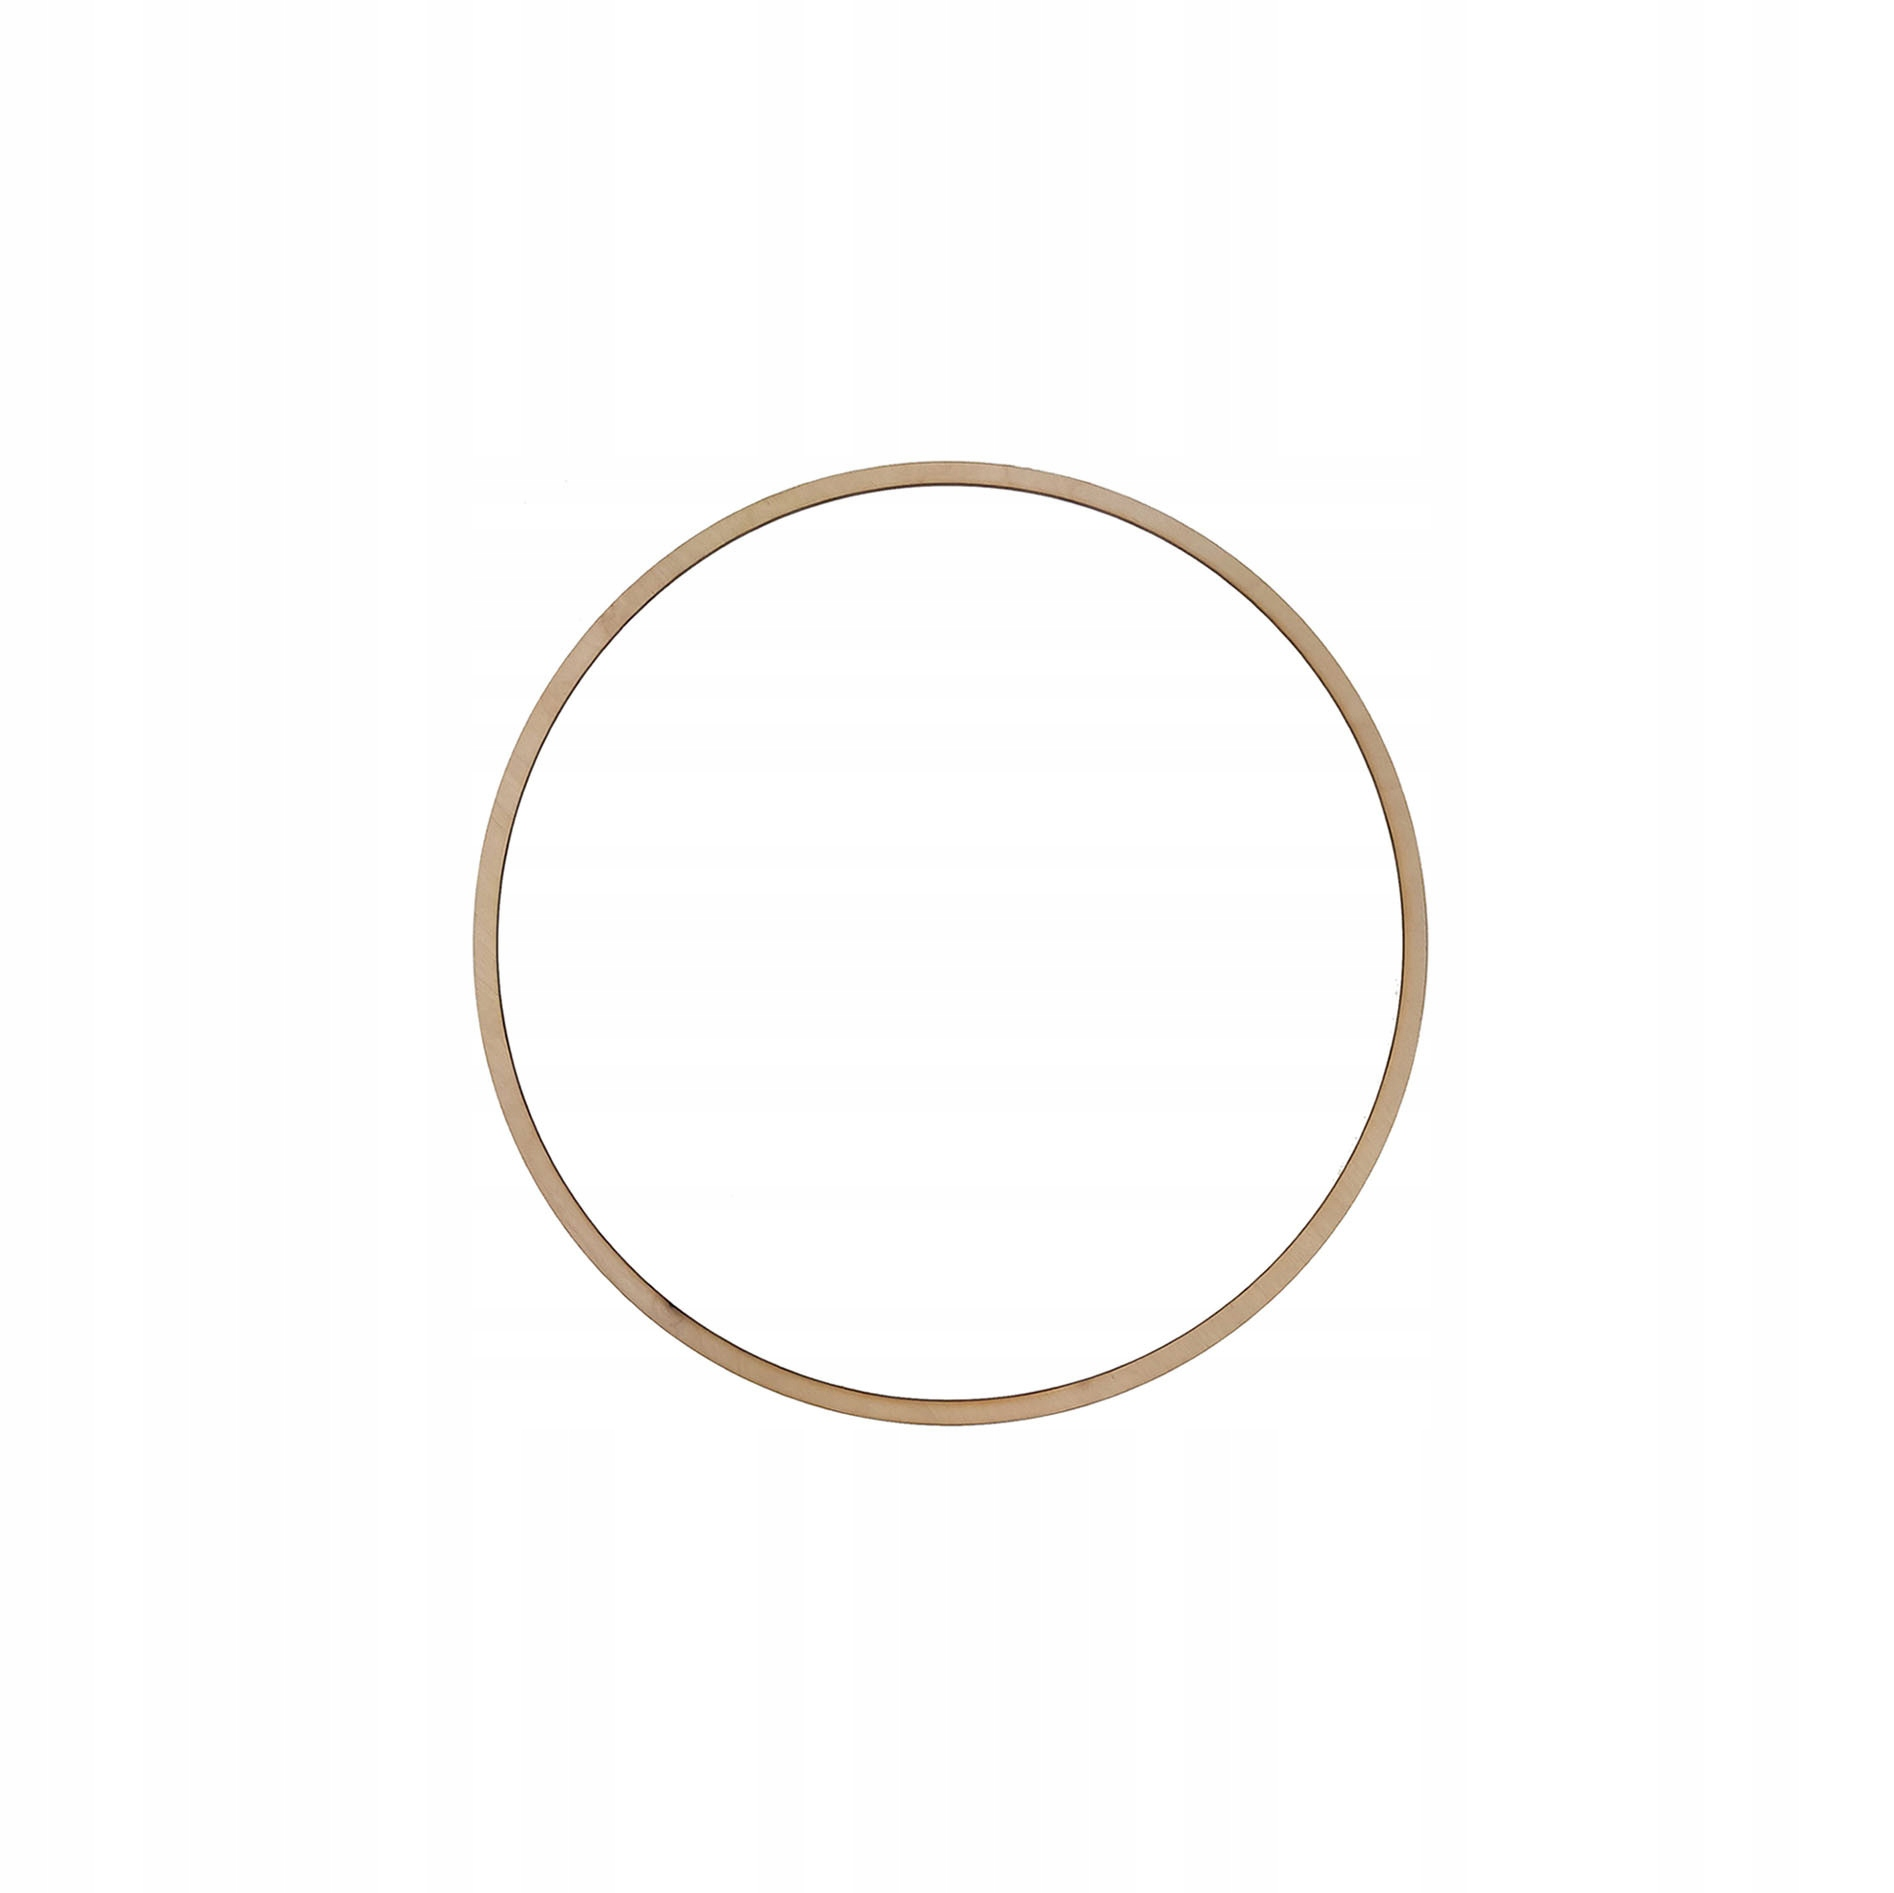 Drewniana obręcz kółko do łapacza snów - 14 cm